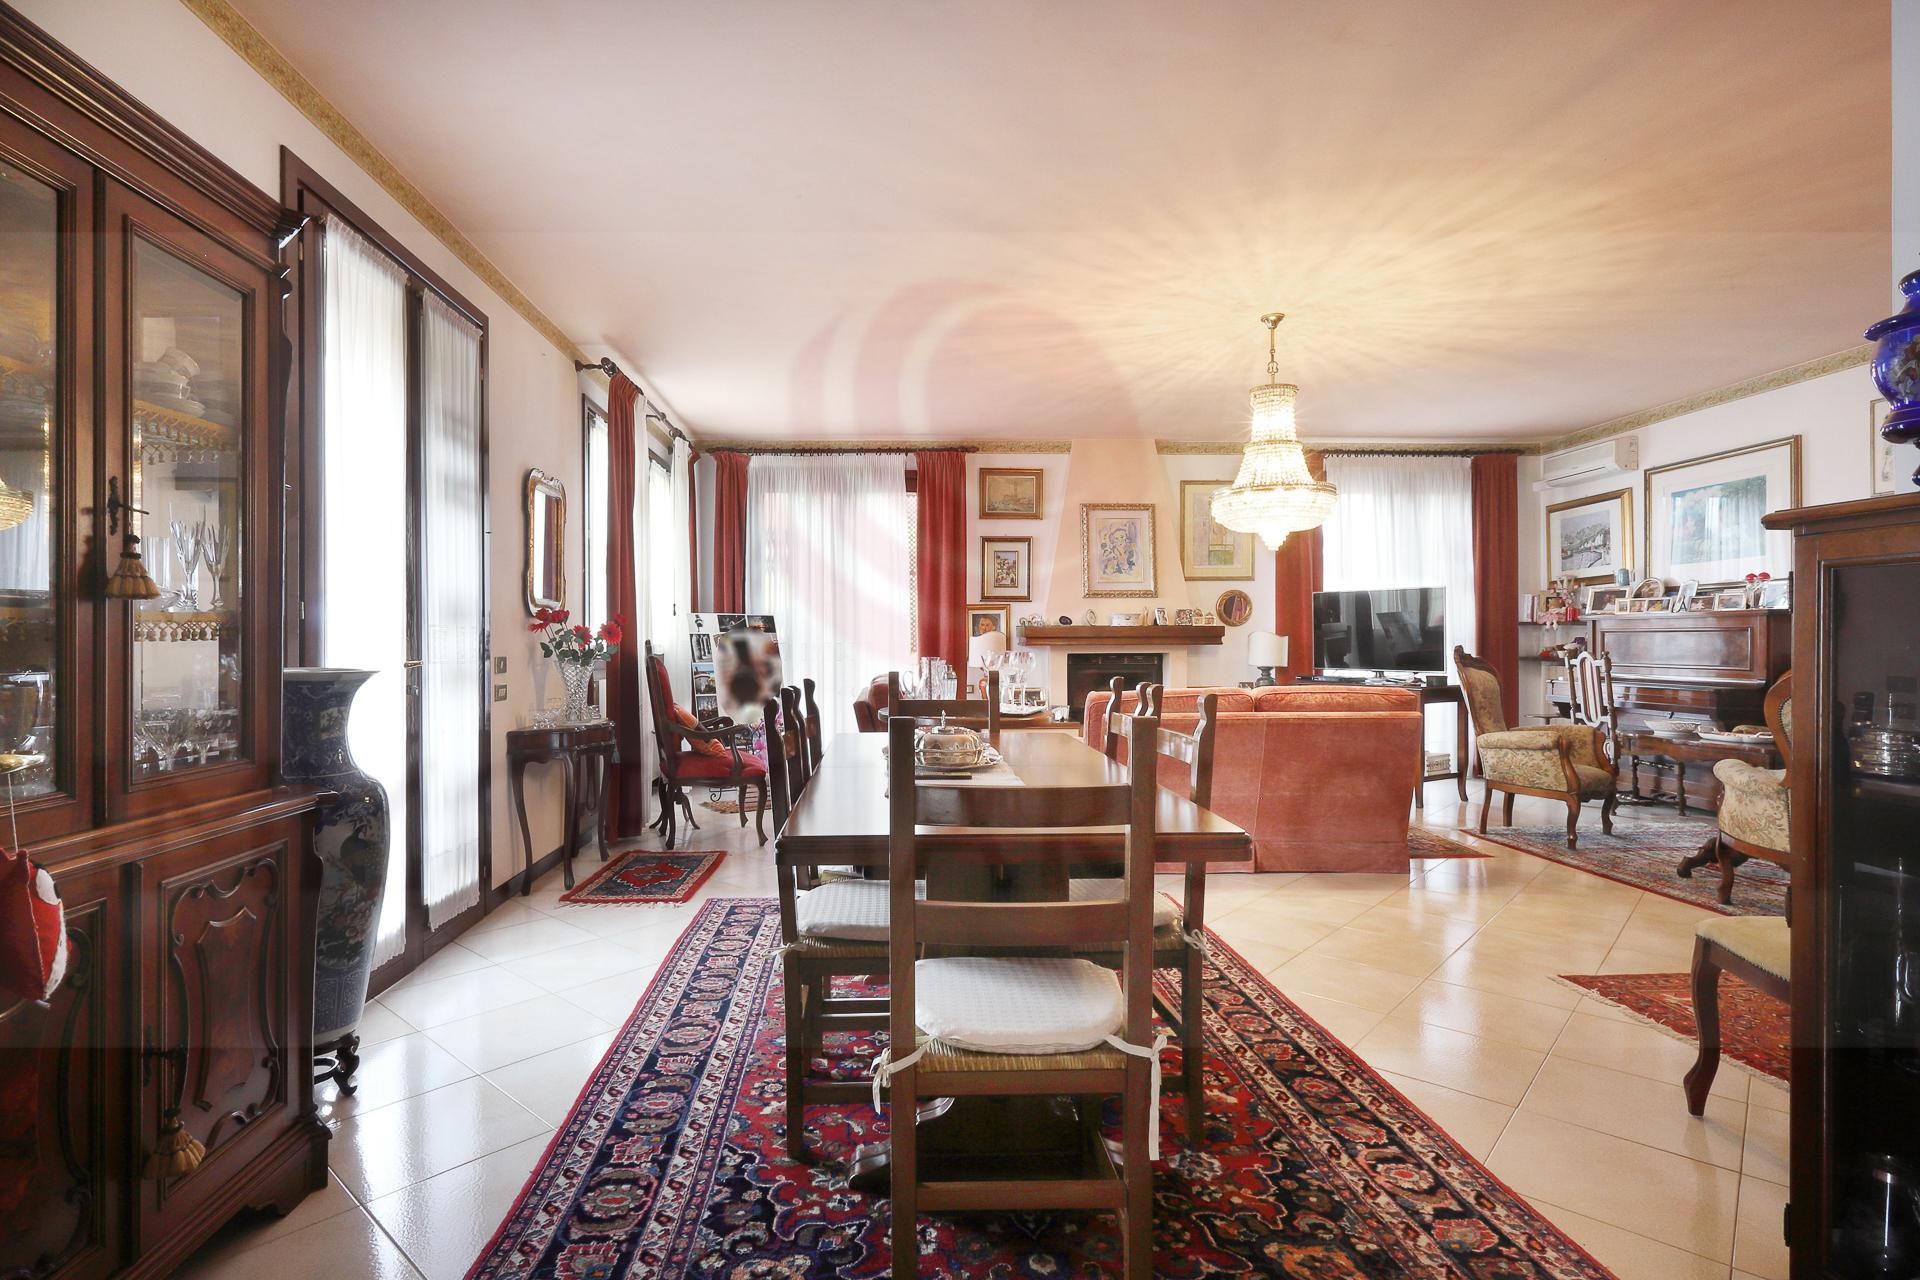 PADOVA – DUE CARRARE, villa singola divisibile in due unità